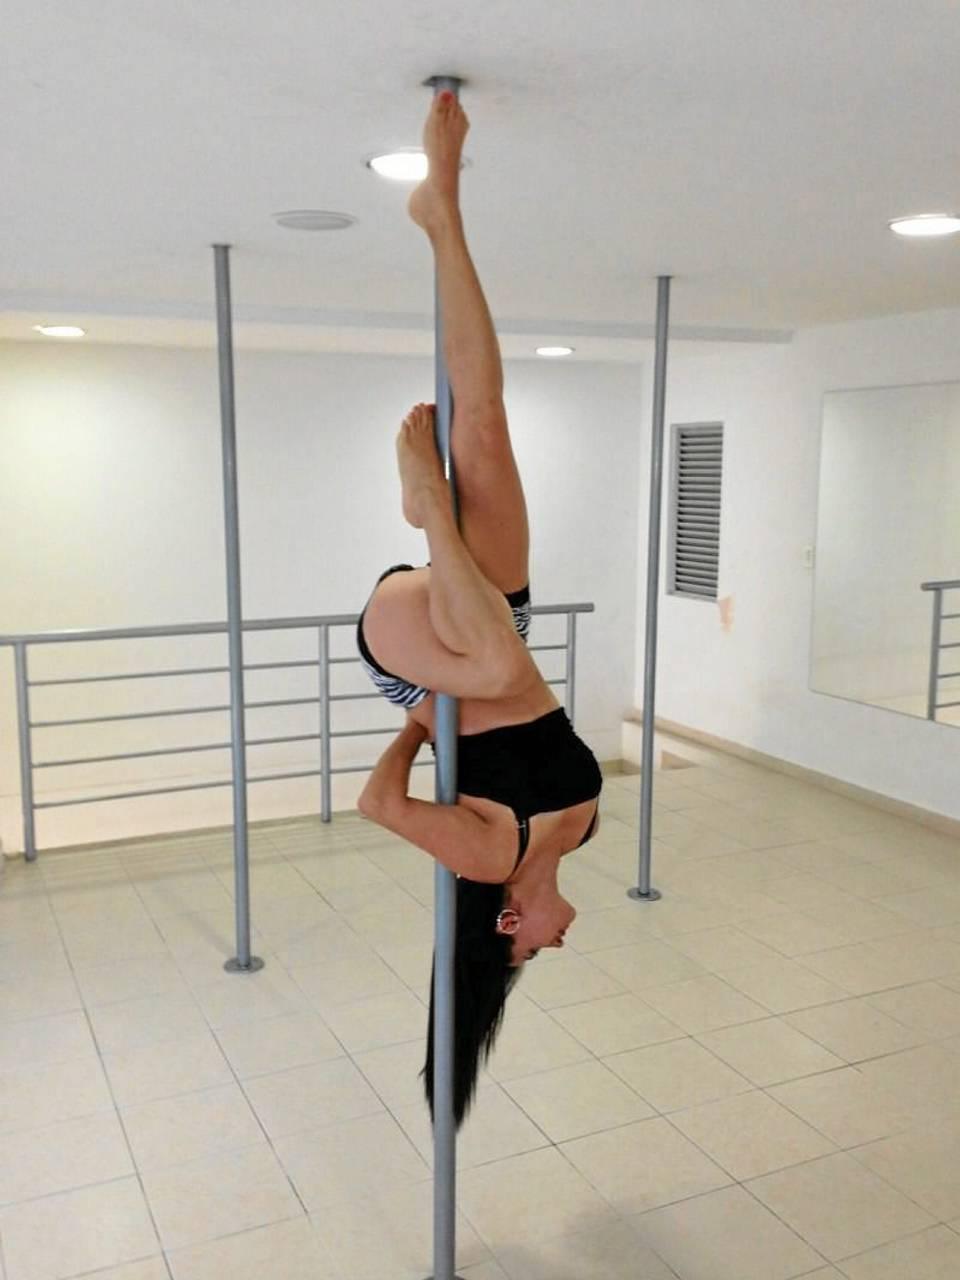 """""""Las mujeres que nunca habían hecho ejercicio son las que más recurren a esta práctica porque desarrollan muchas habilidades por medio de un adecuado proceso"""". Suministrada / GENTE DE CAÑAVERAL"""